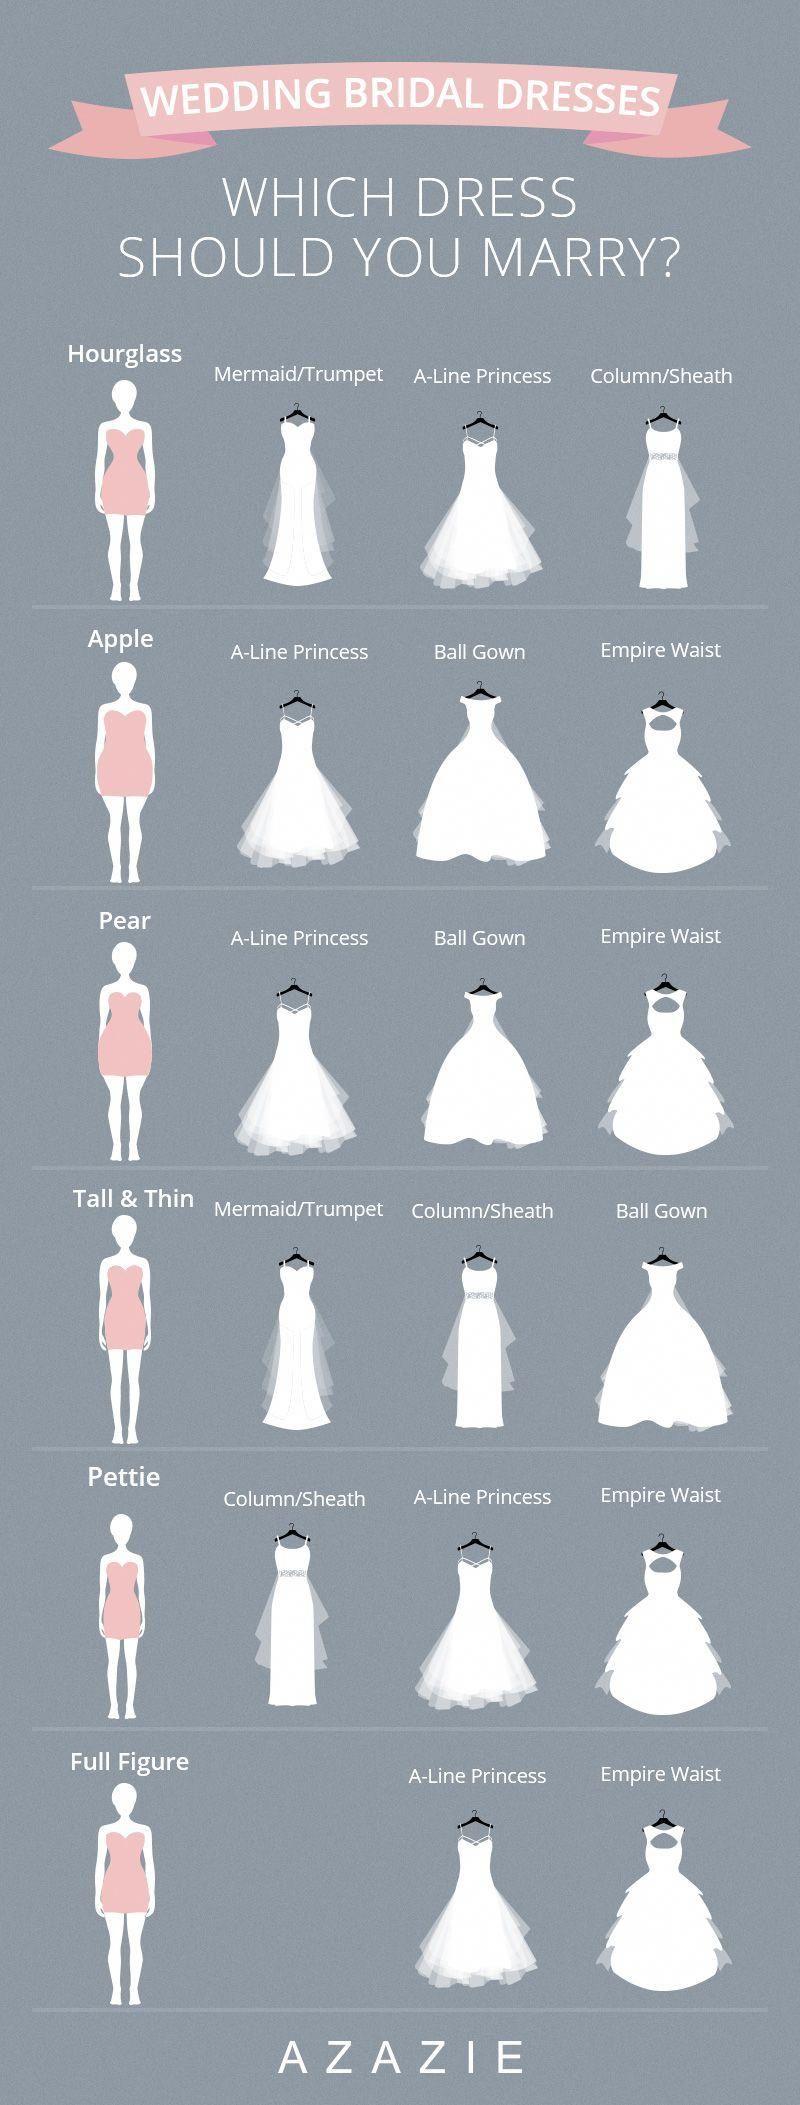 Princesscutengagementrings Gaun Perkawinan Pakaian Pernikahan Gaun Pengantin Putri